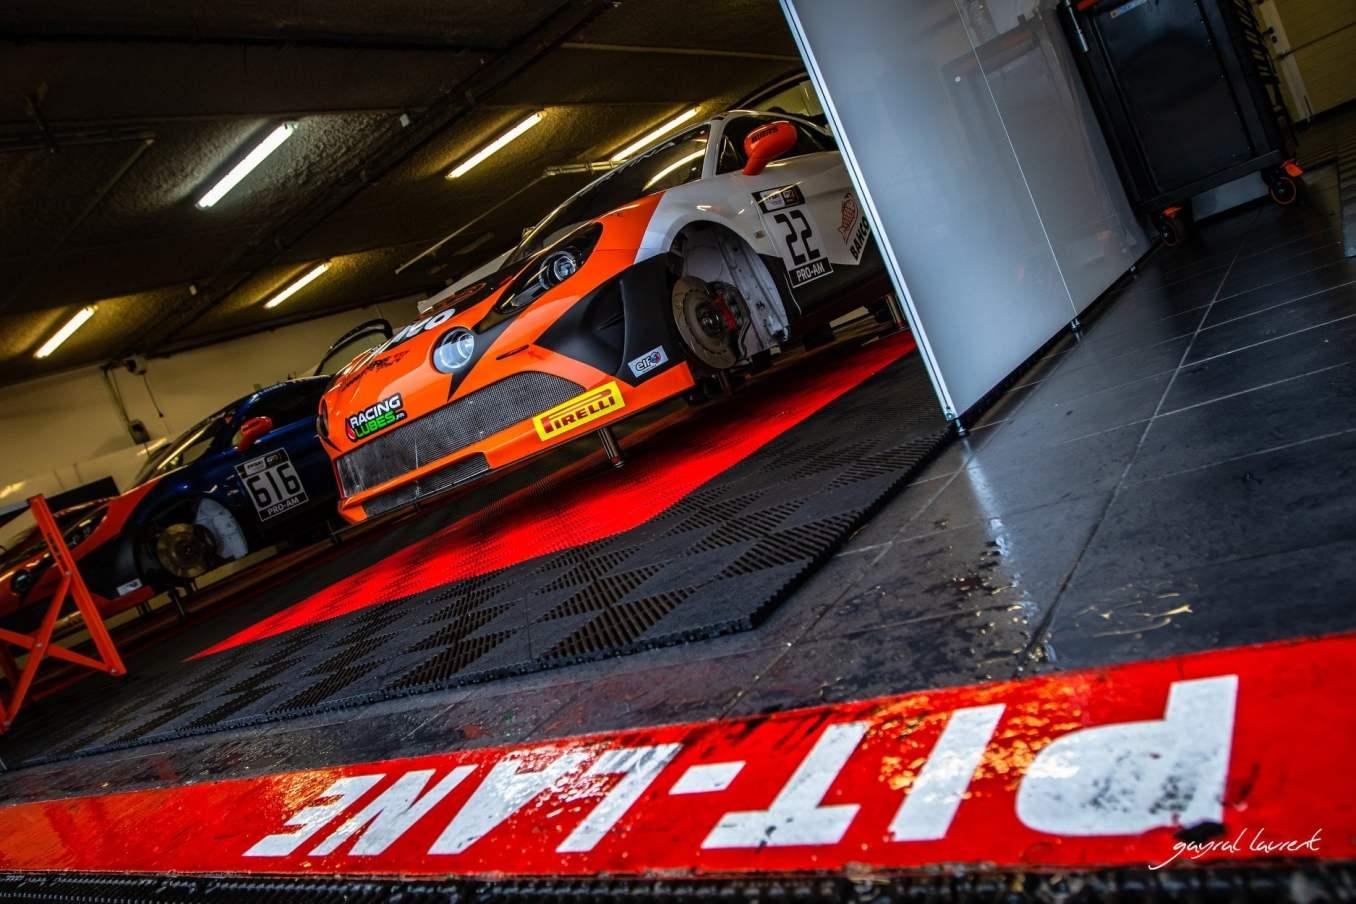 Alpine A110 GT4 FFSA GT Castellet Paul Ricard 2020 1 | Alpine A110 GT4 : Première victoire de Mirage Racing au Castellet en FFSA GT 2020